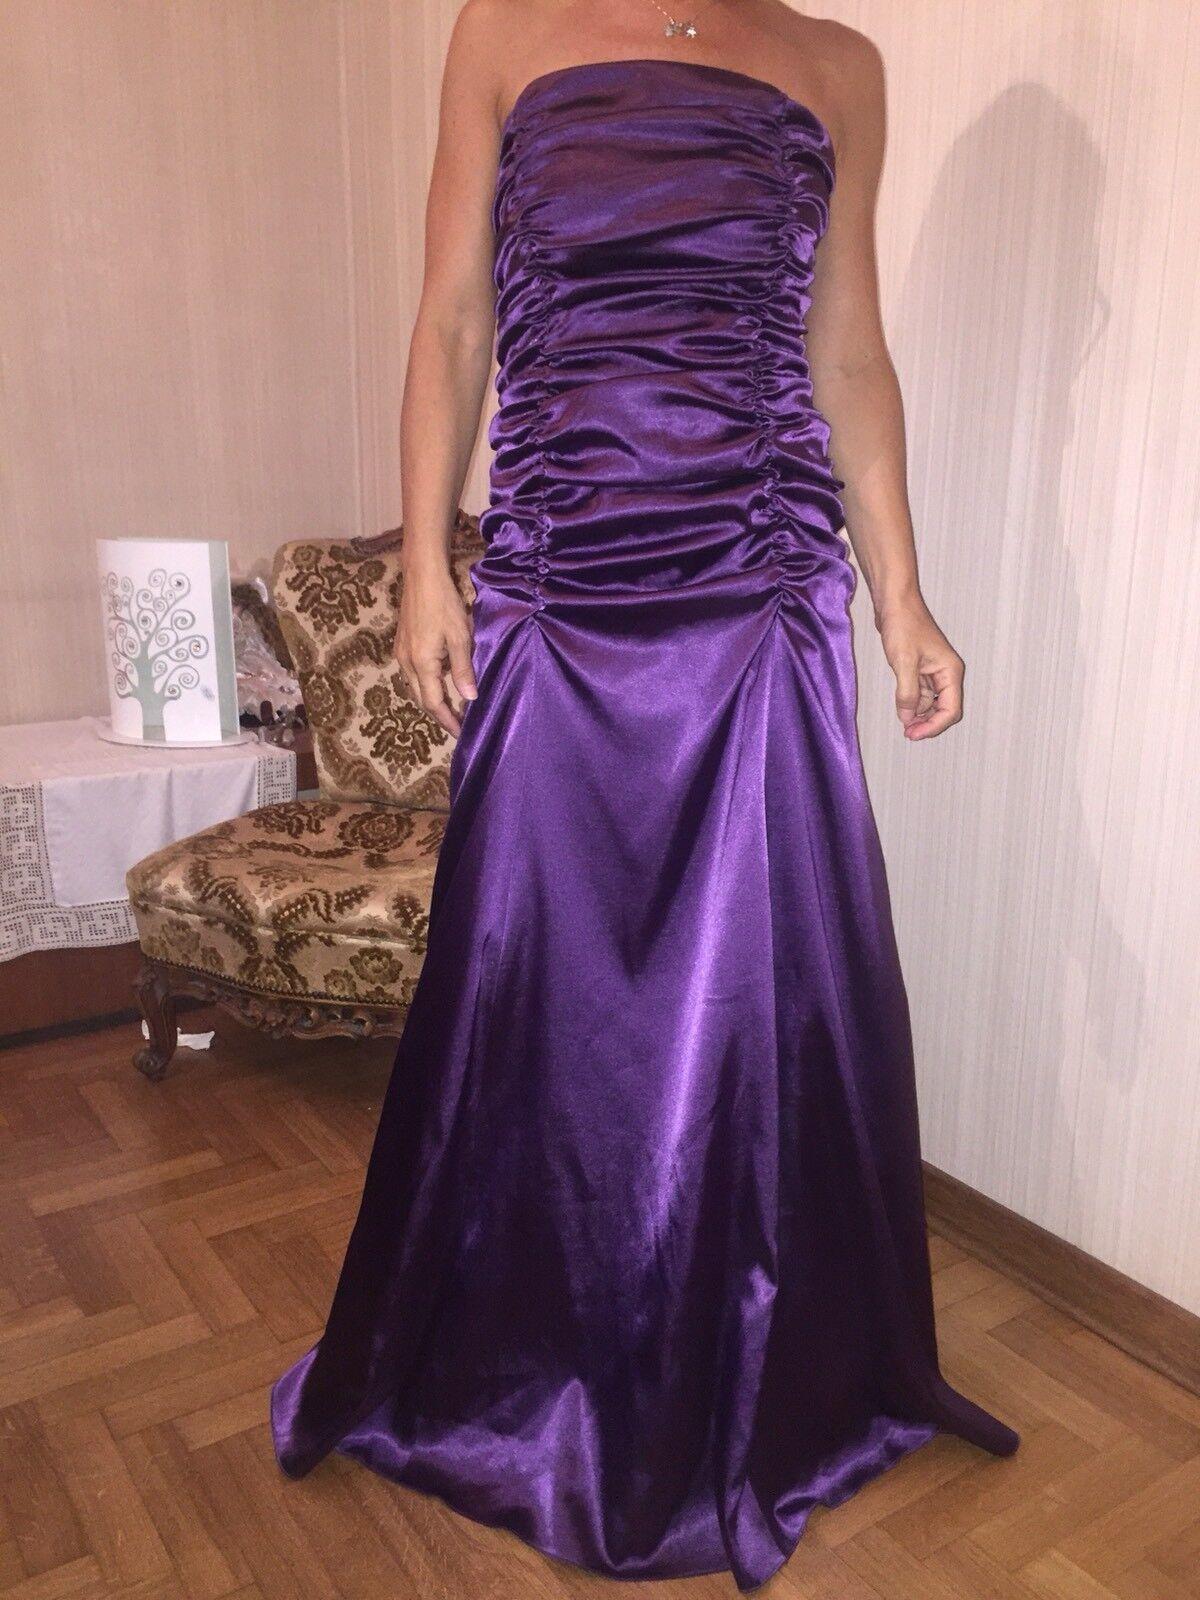 Außergewöhnliche Abendkleid lilat Wunderbar Retail   | Zu einem erschwinglichen Preis  | Sorgfältig ausgewählte Materialien  | Online  | Queensland